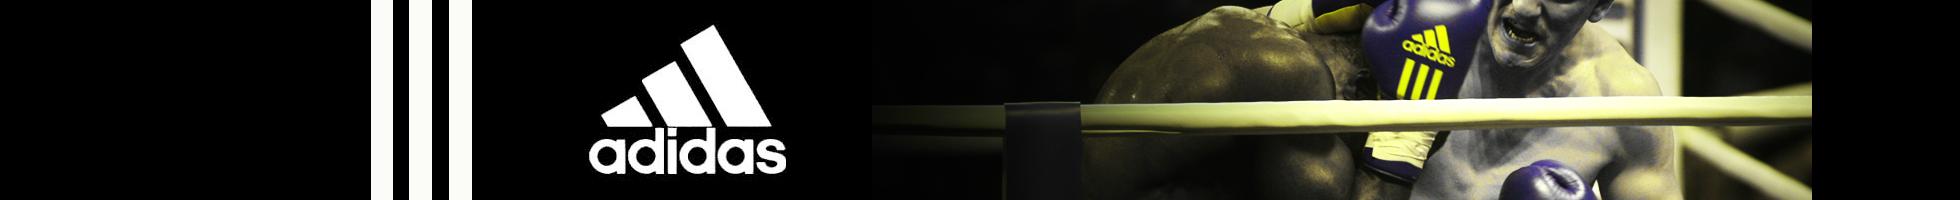 Adidas bokshandschoenen en overige boksproducten